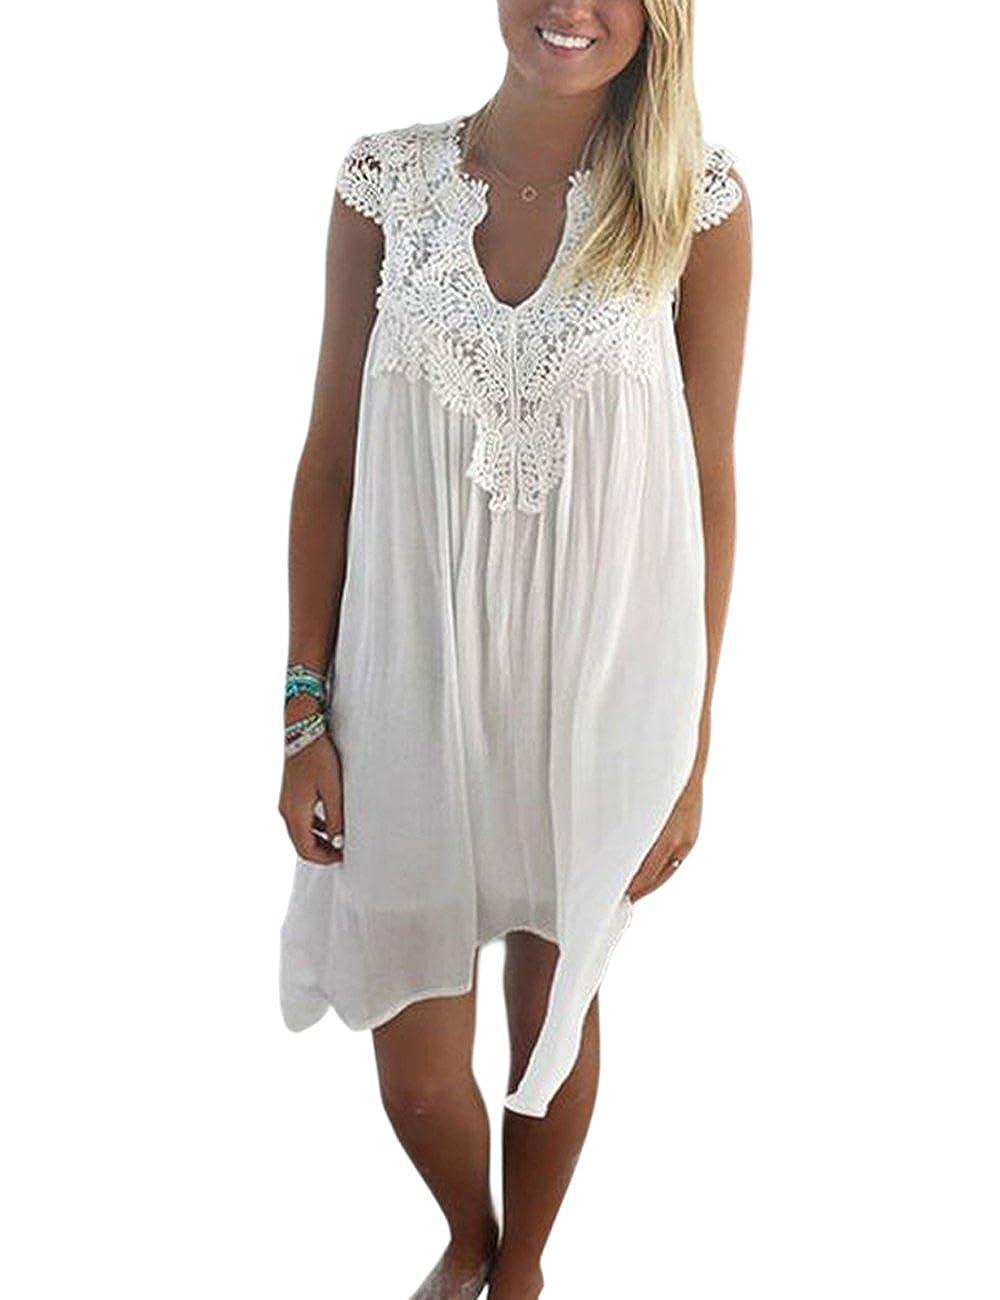 004bc2ff9b9a2b Donne Senza Maniche Chiffon Vestito Estate Spiaggia Pizzo Corto Vestito V  Collo Abito Bianco: Amazon.it: Abbigliamento